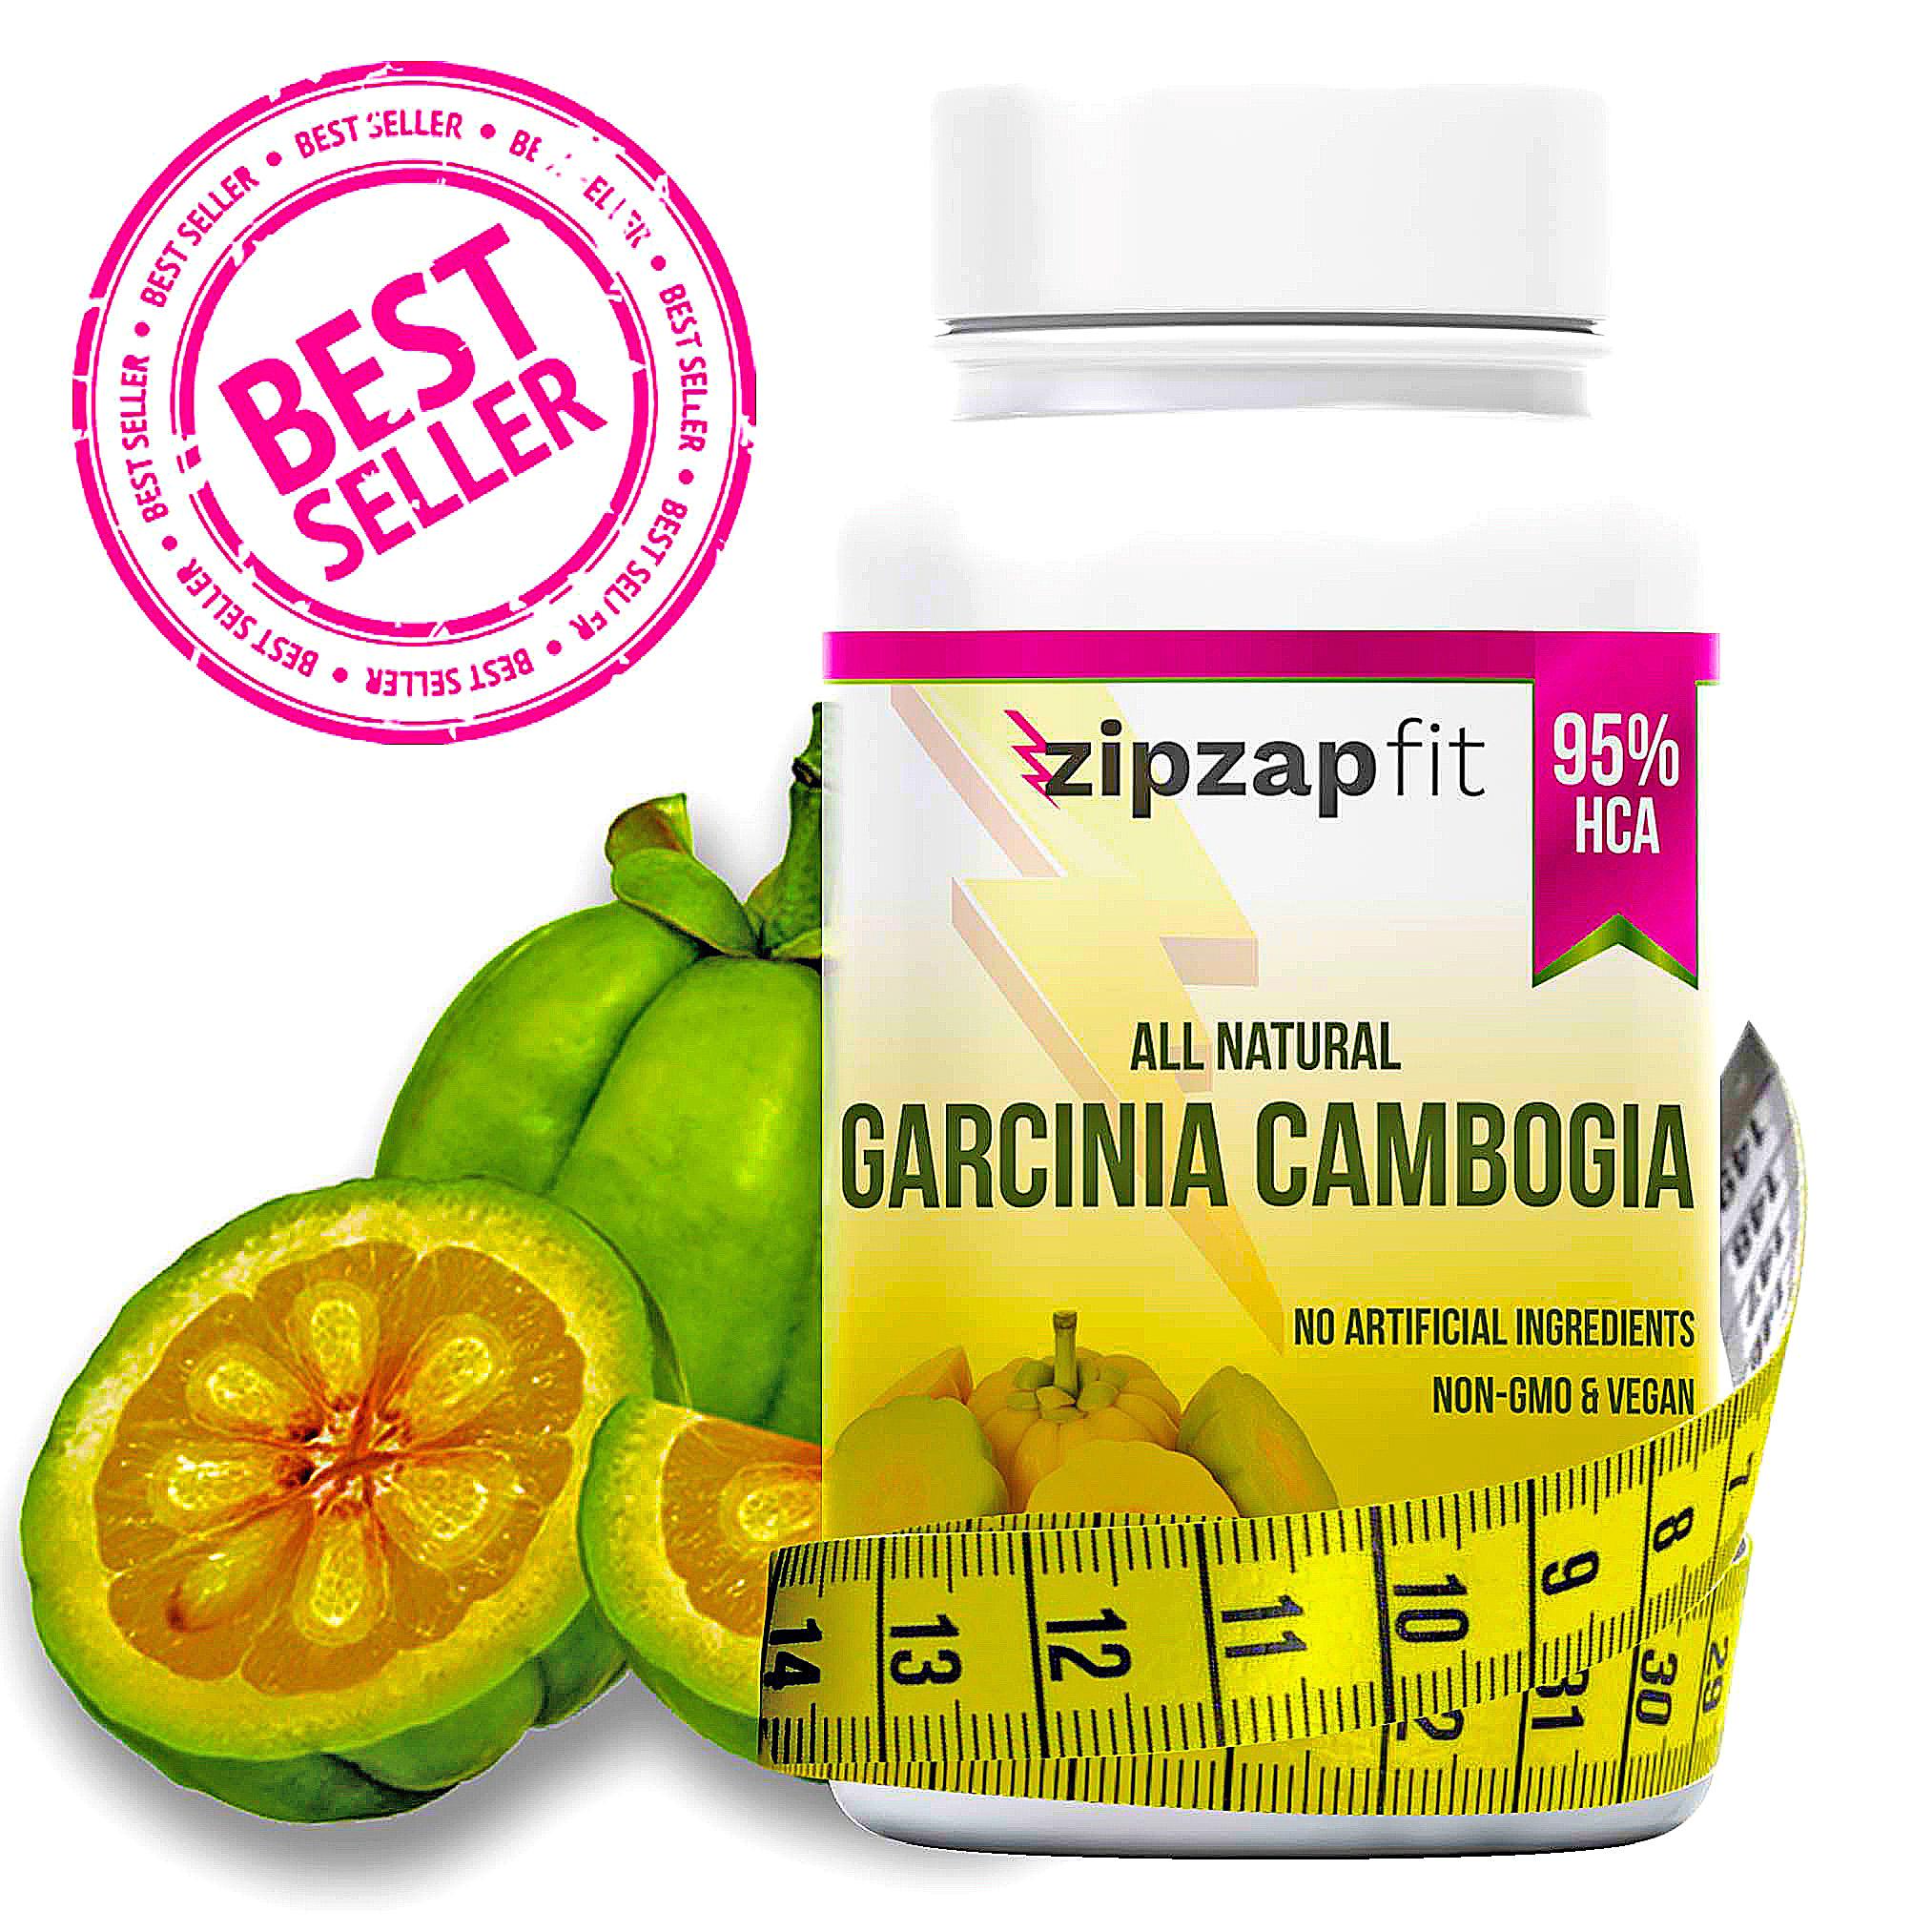 Zipzapfit Garcinia Cambogia Weight Loss Supplement 60 Capsules